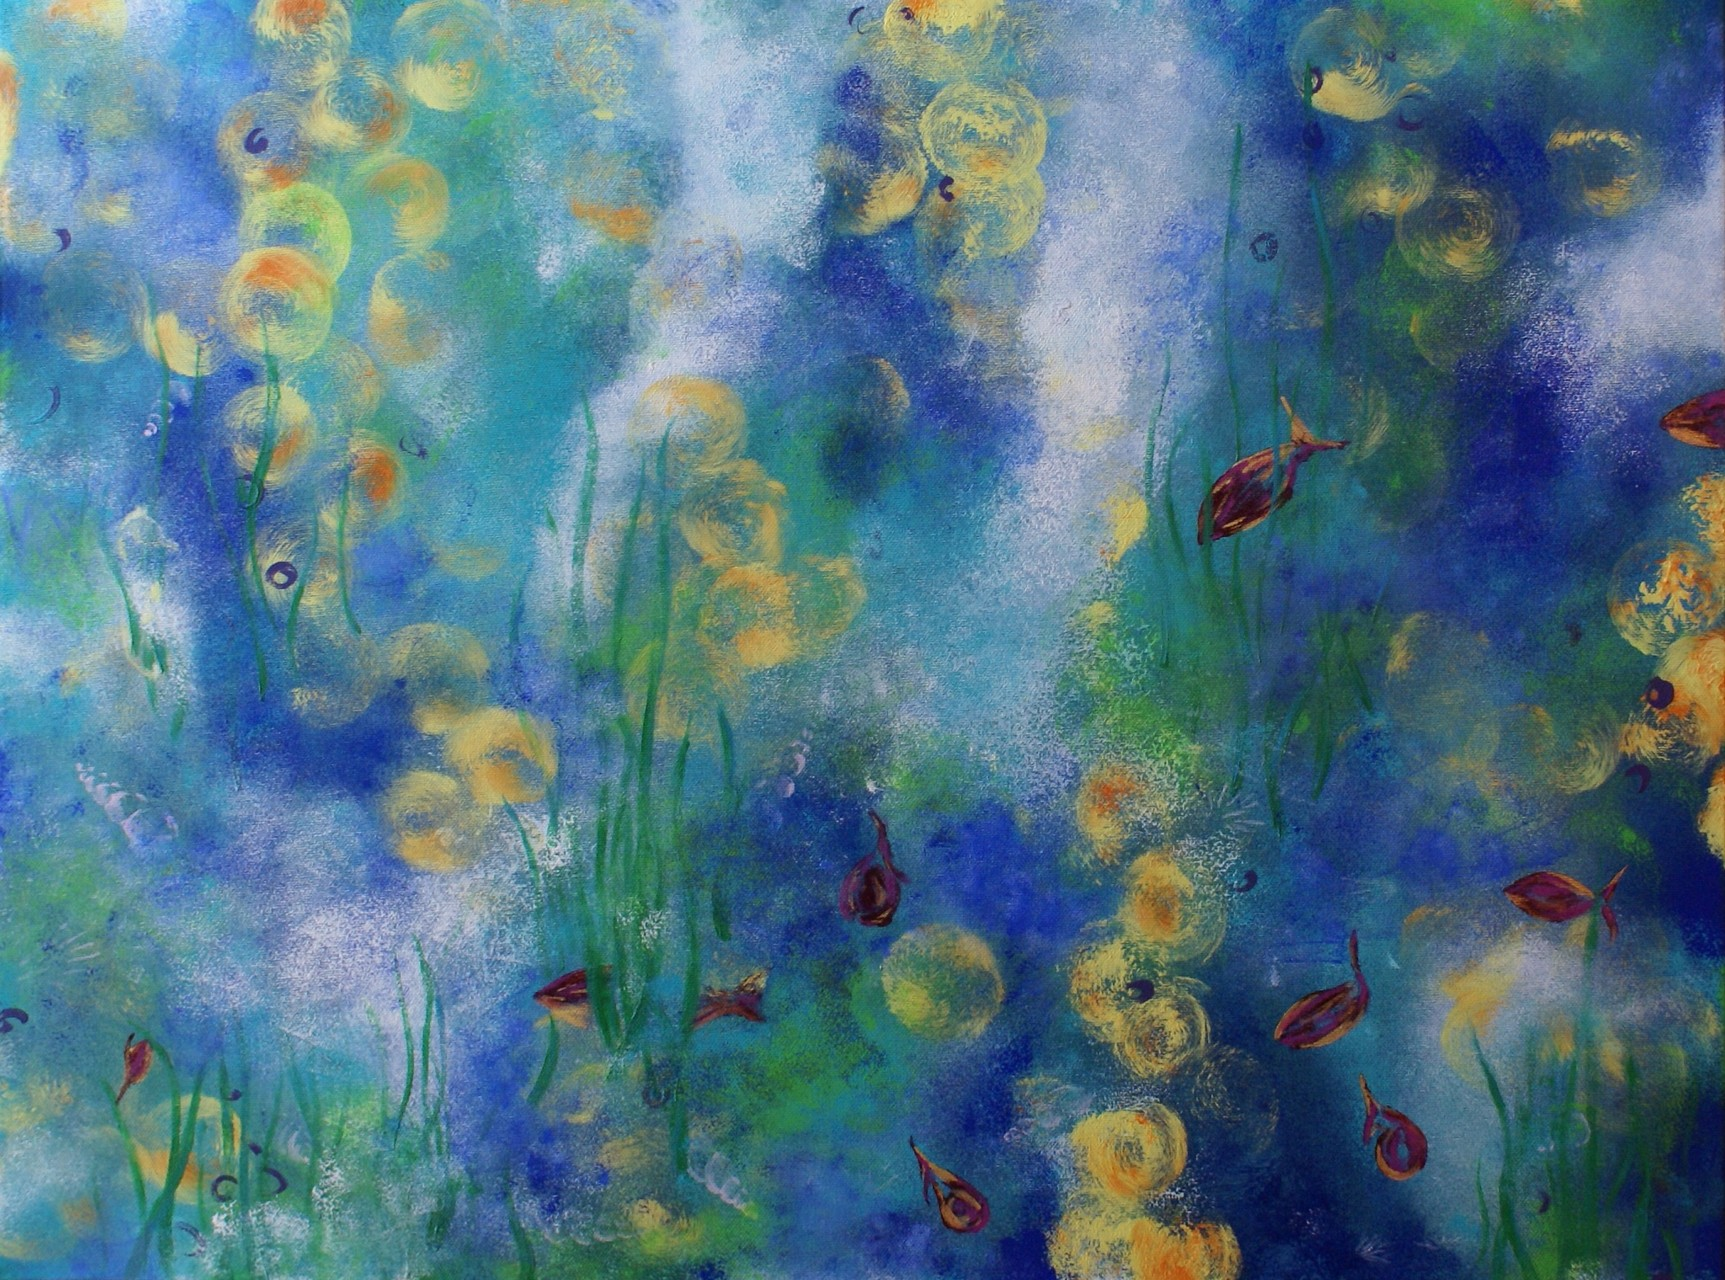 Wassermärchen - 60 x 80  - Acryl auf Leinwand - verkauft